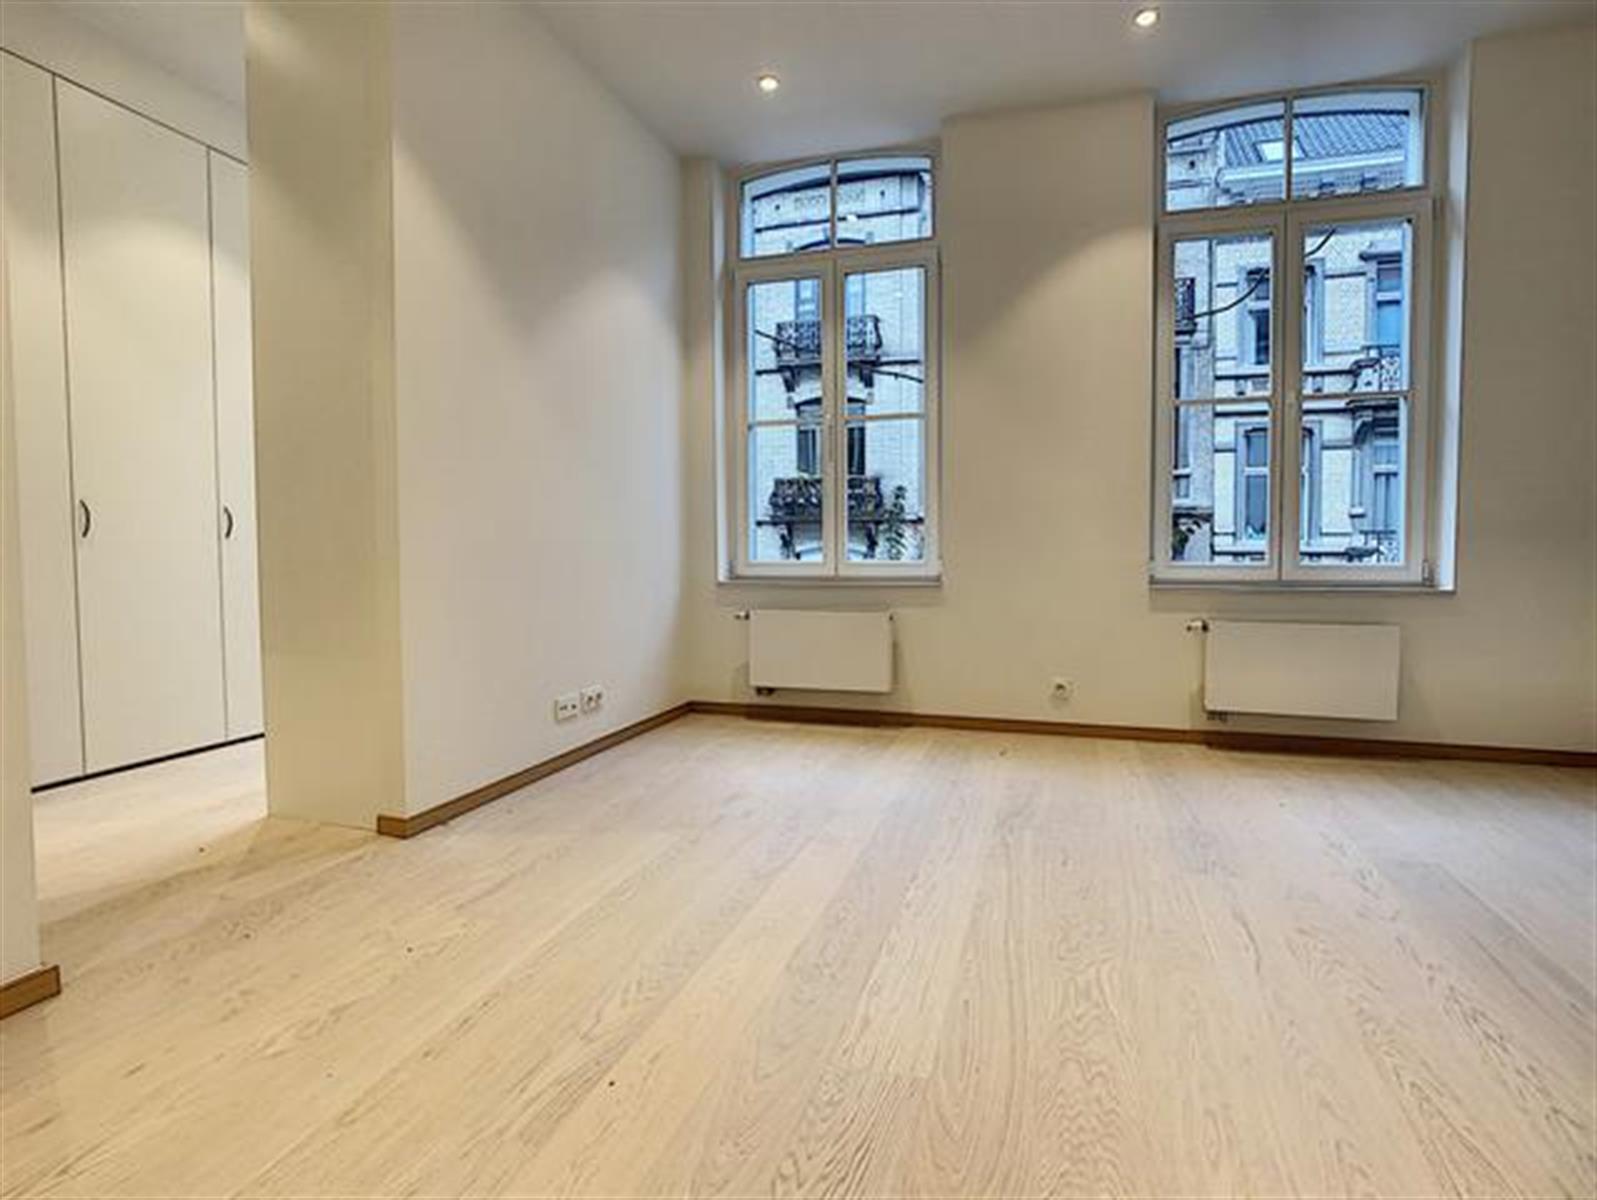 Flat - Ixelles - #4372445-6